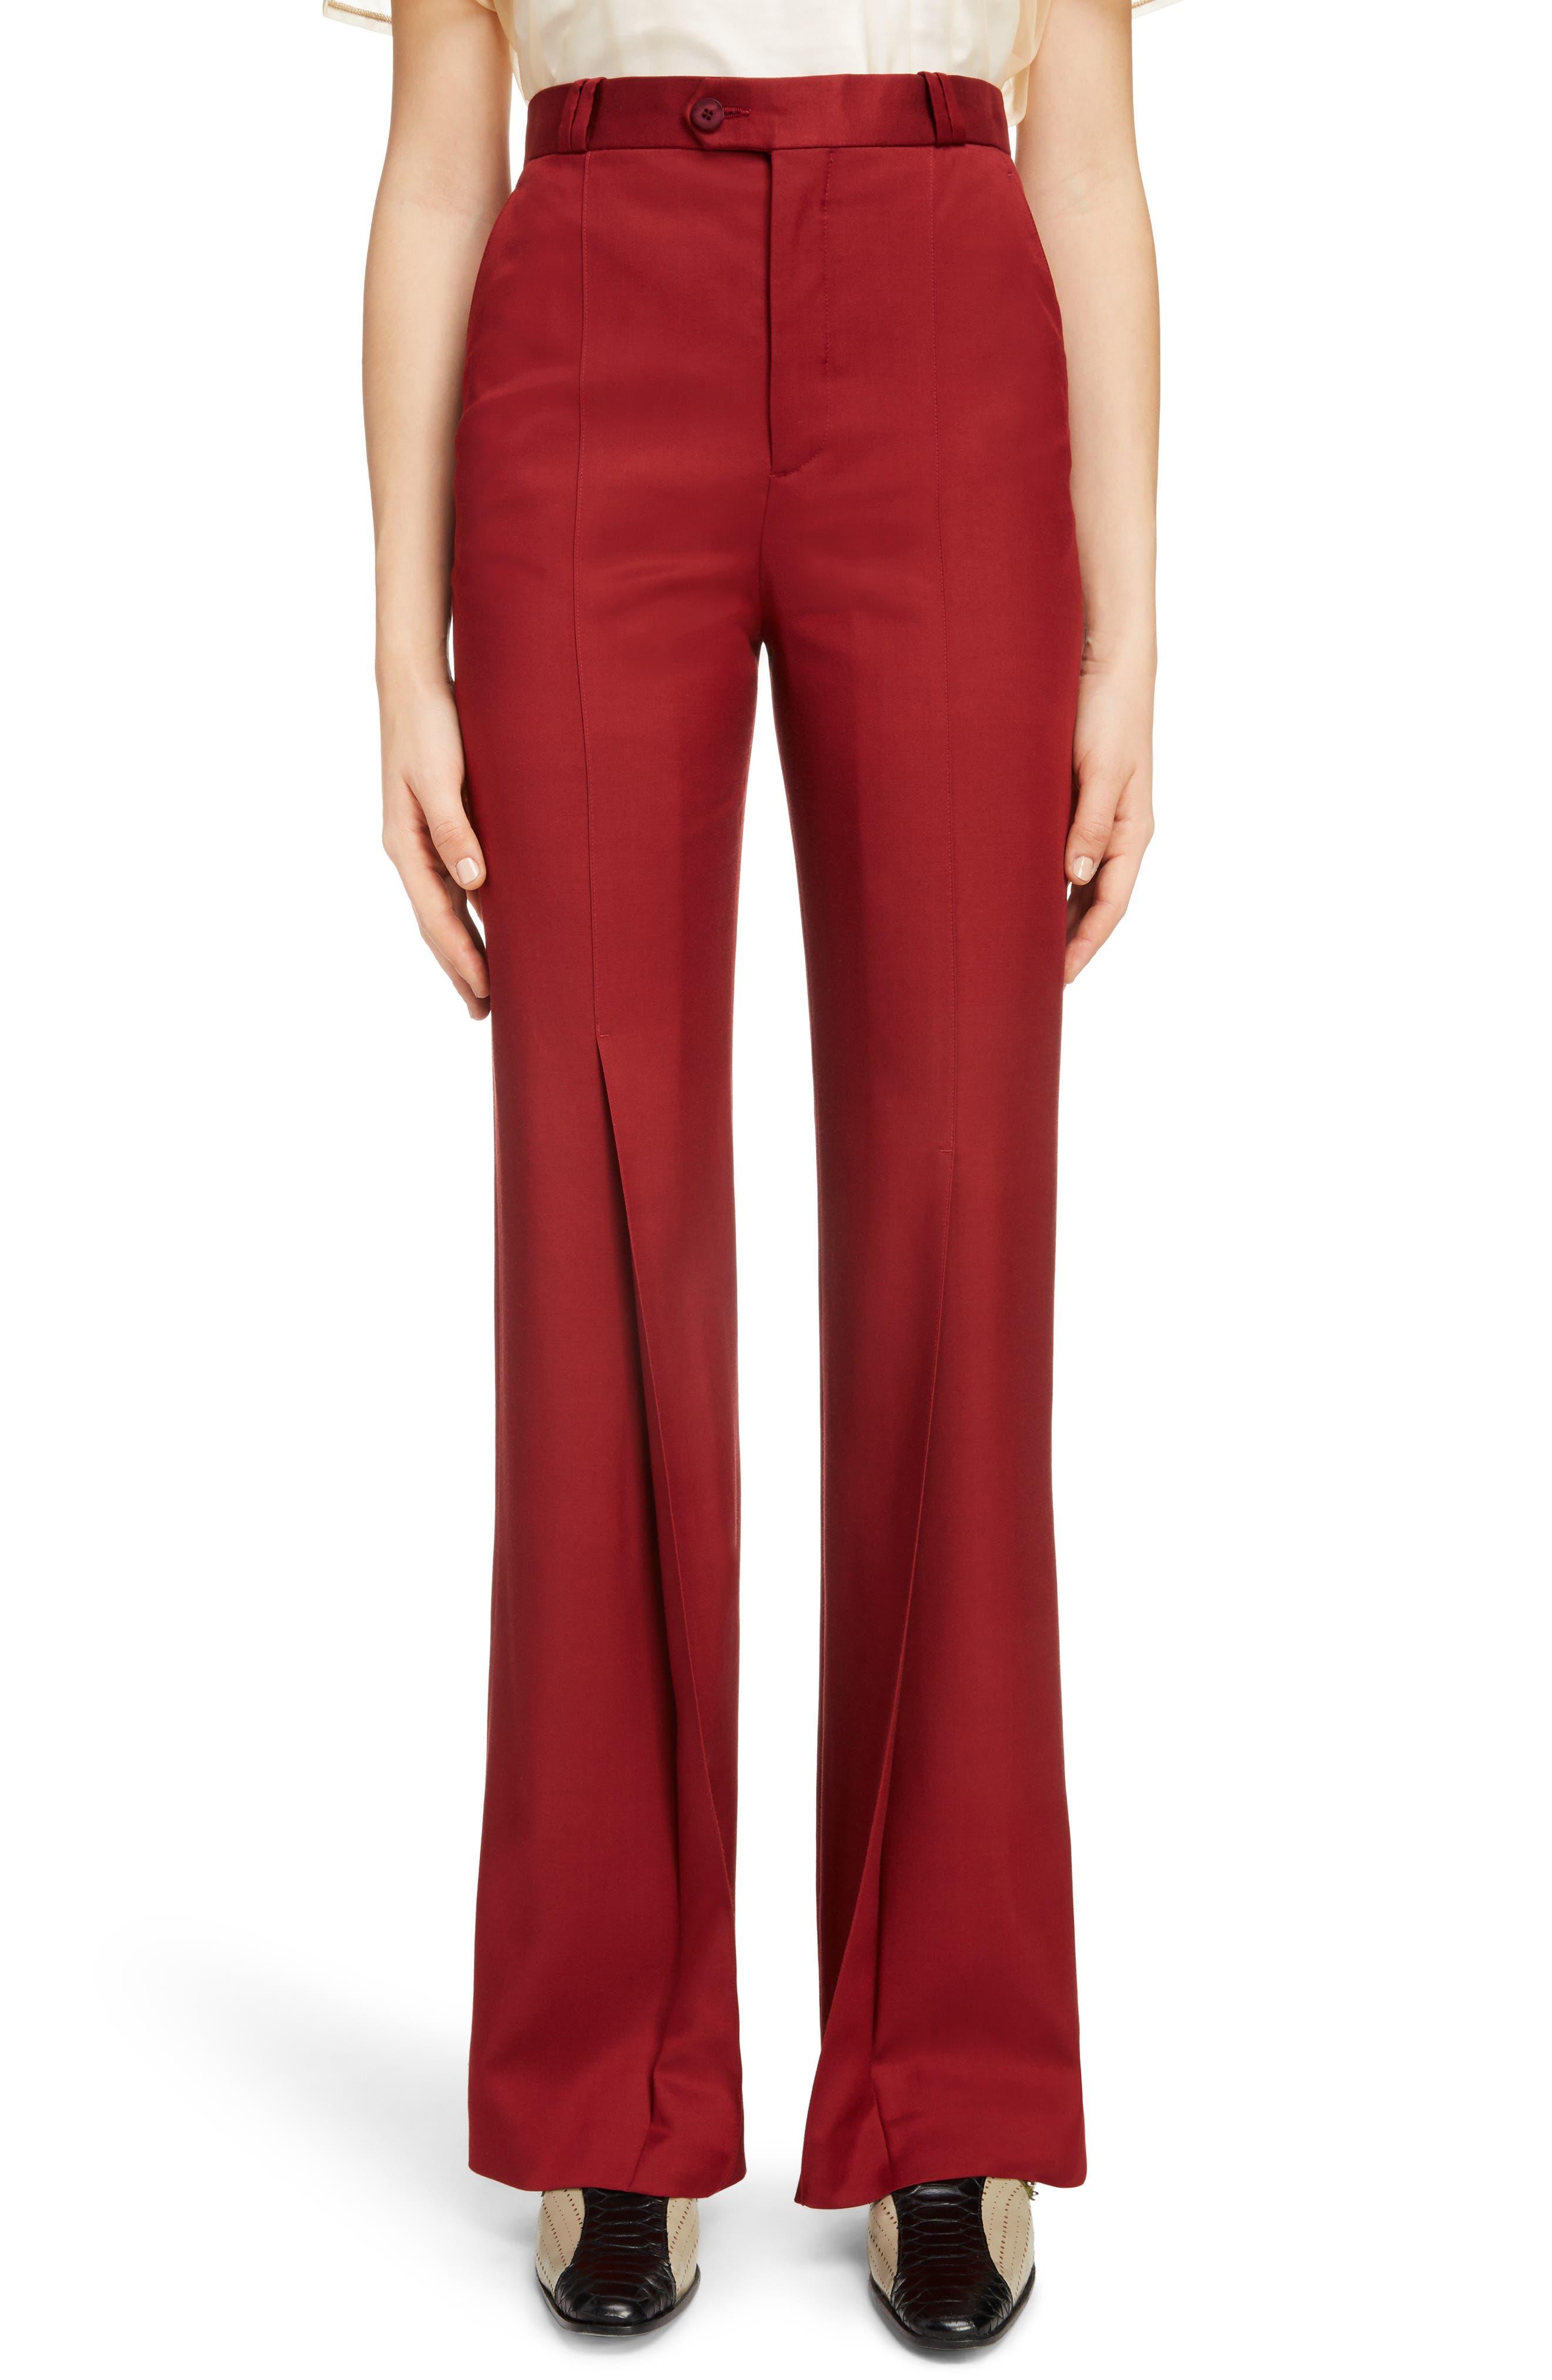 Tohny Suit Pants,                         Main,                         color, Crimson Red